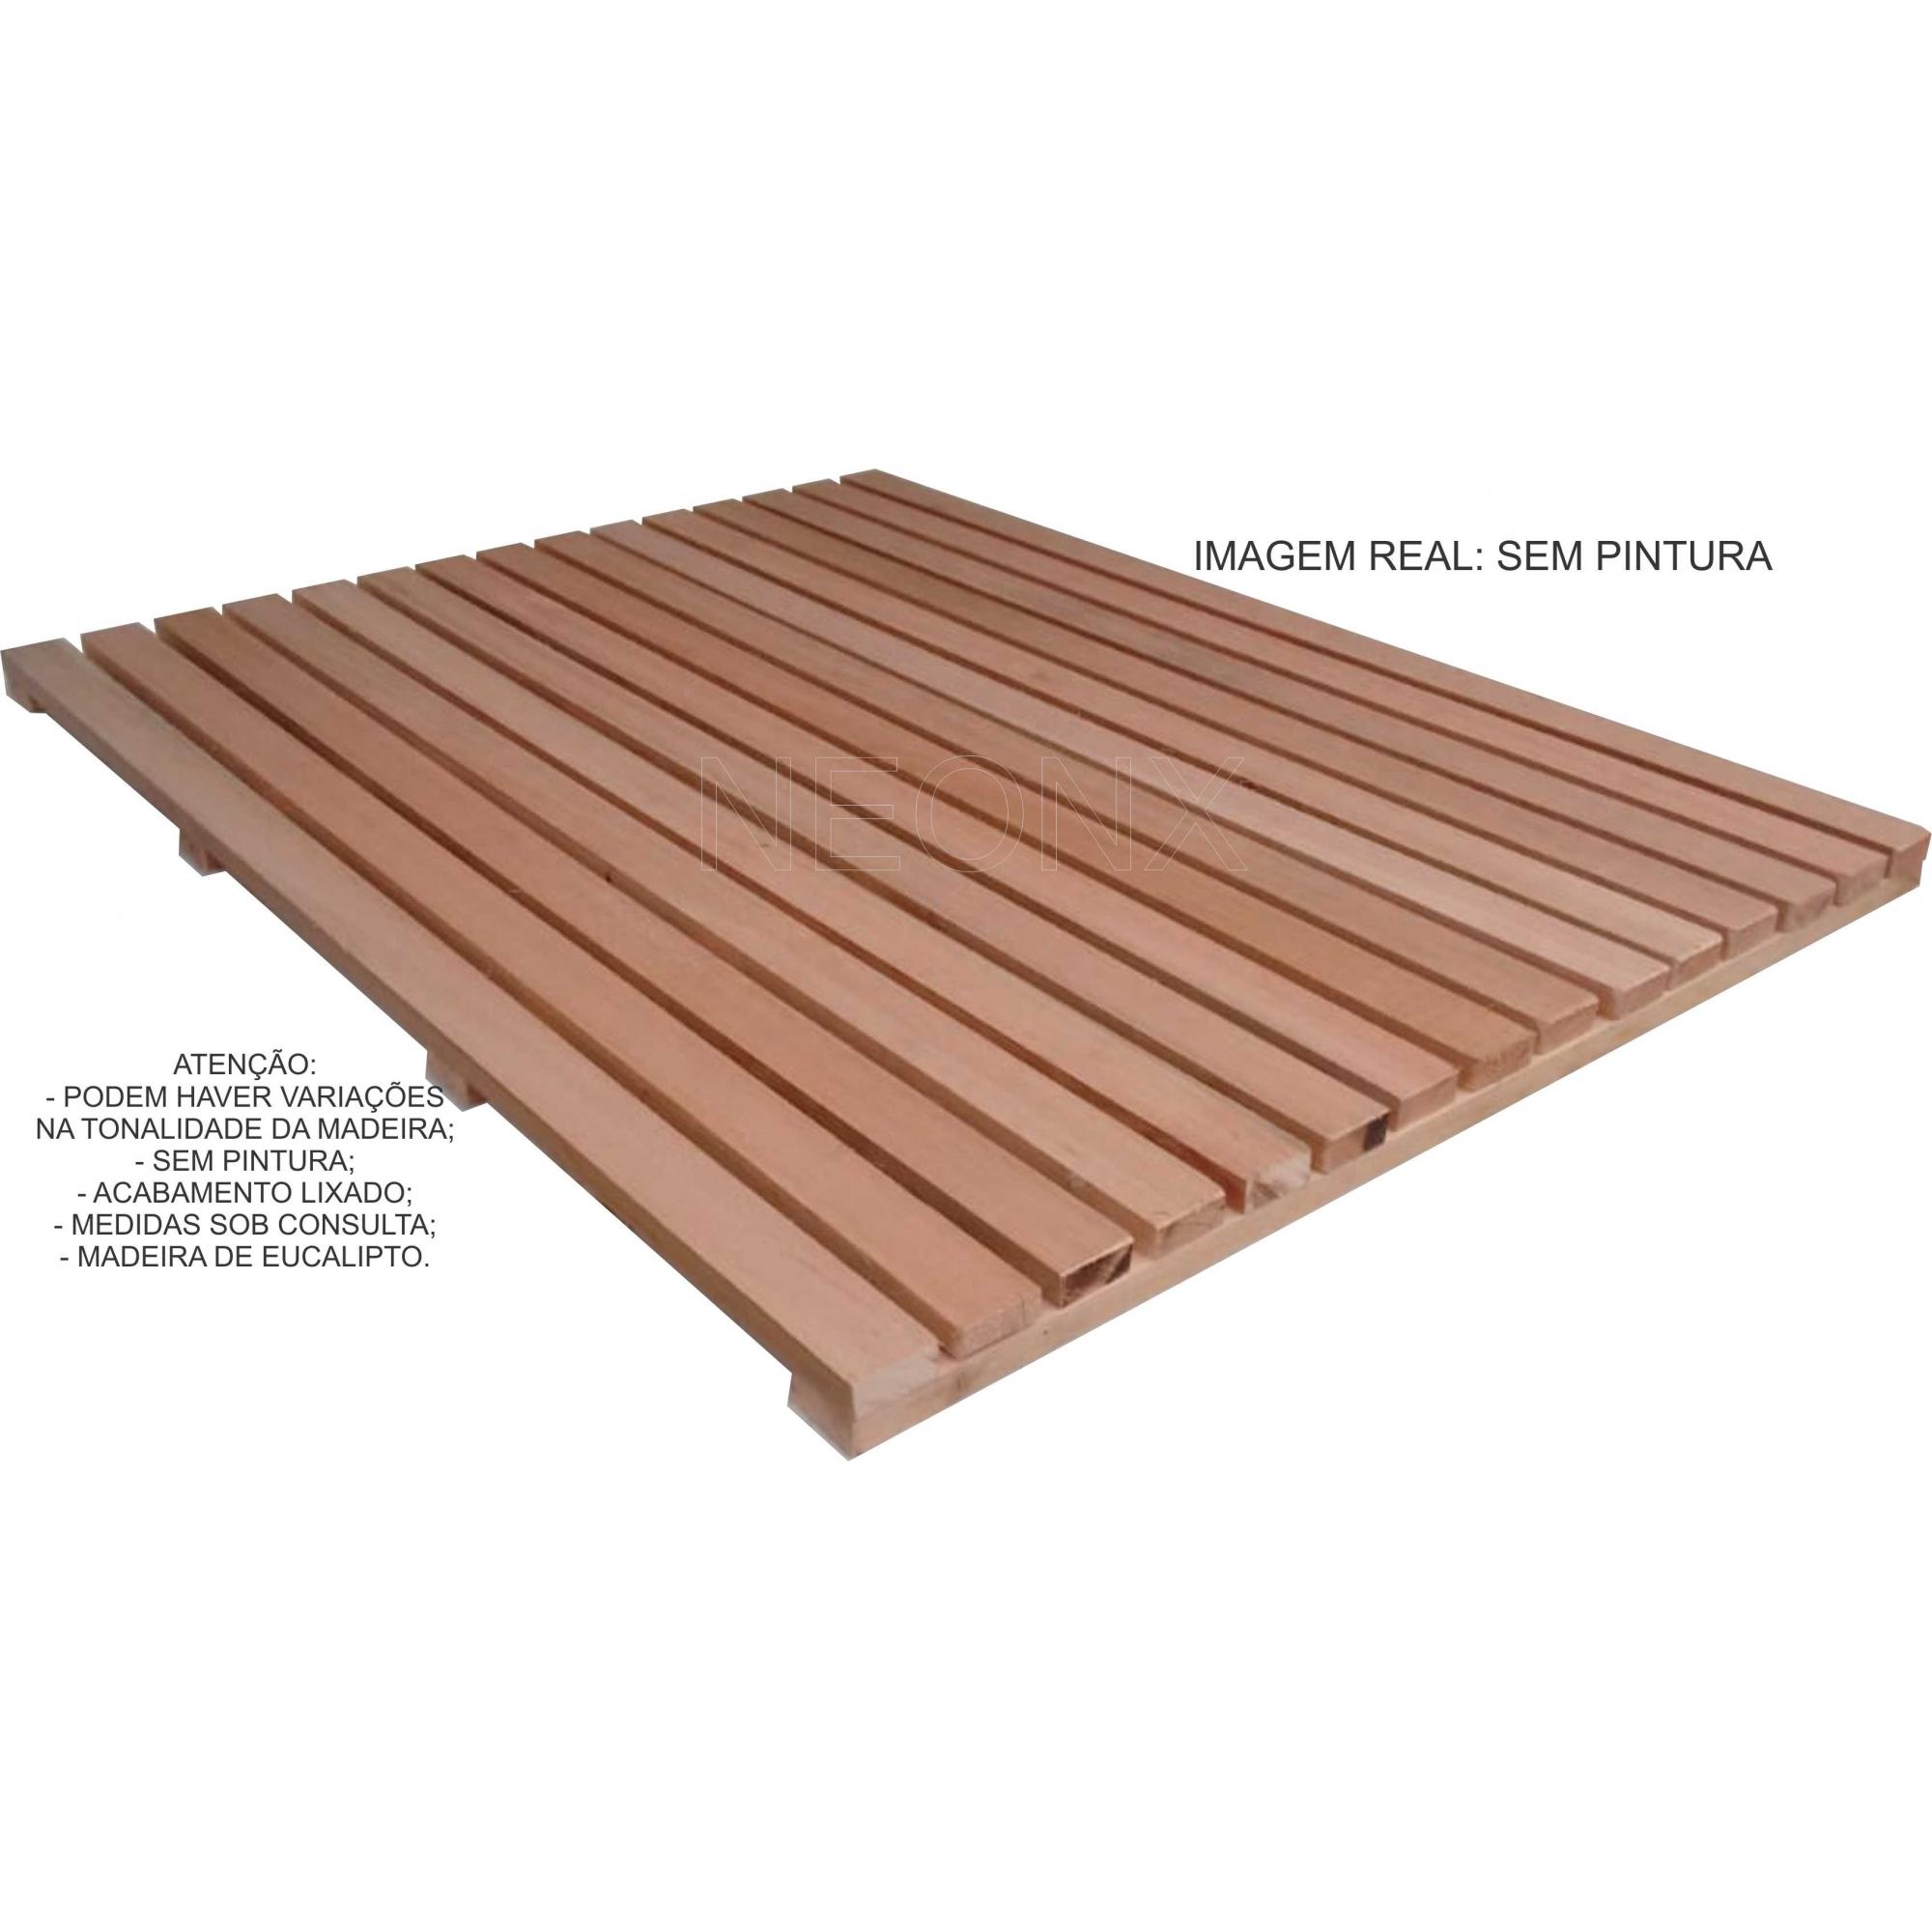 Deck De Madeira Modular 40x50cm Sem Pintura Neonx